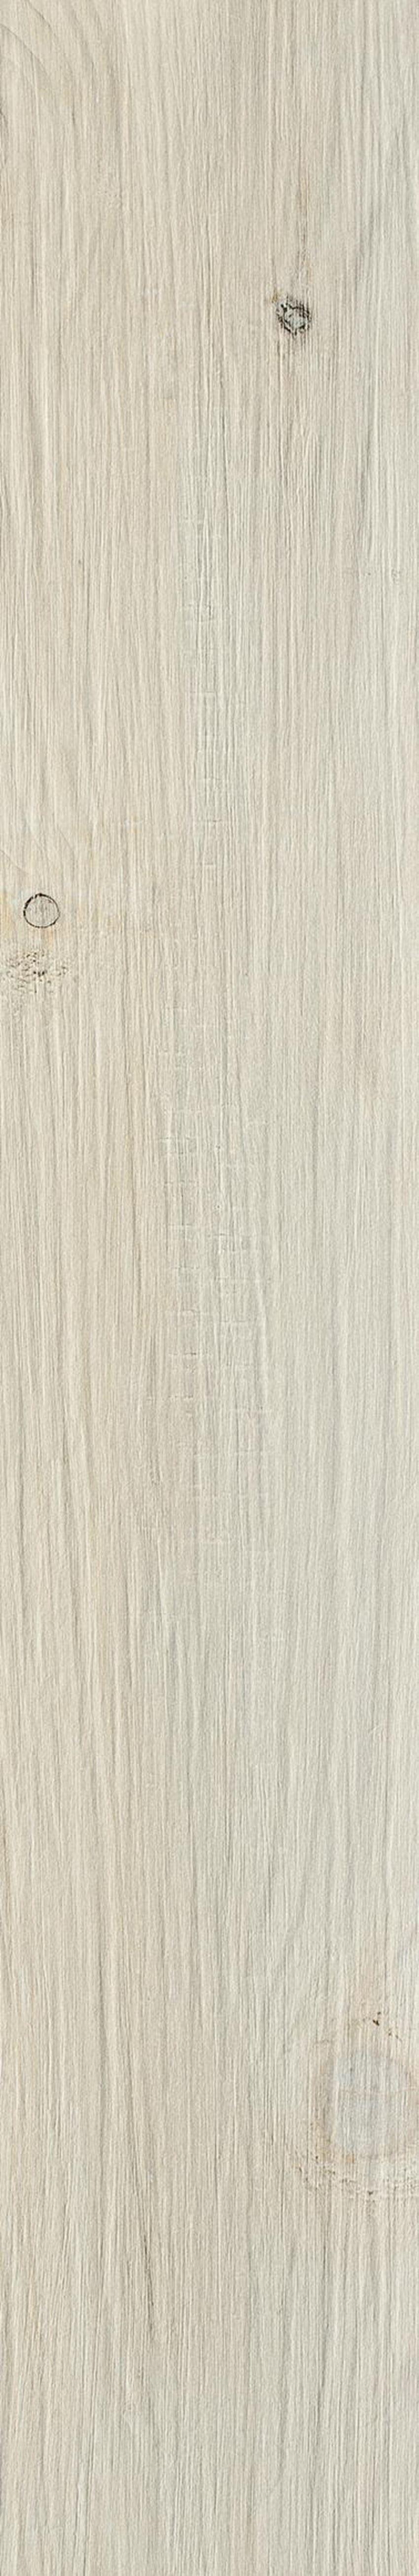 Płytka ścienno-podłogowa 16x98,5 cm Paradyż Thorno Bianco Gres Szkl. Rekt. Mat